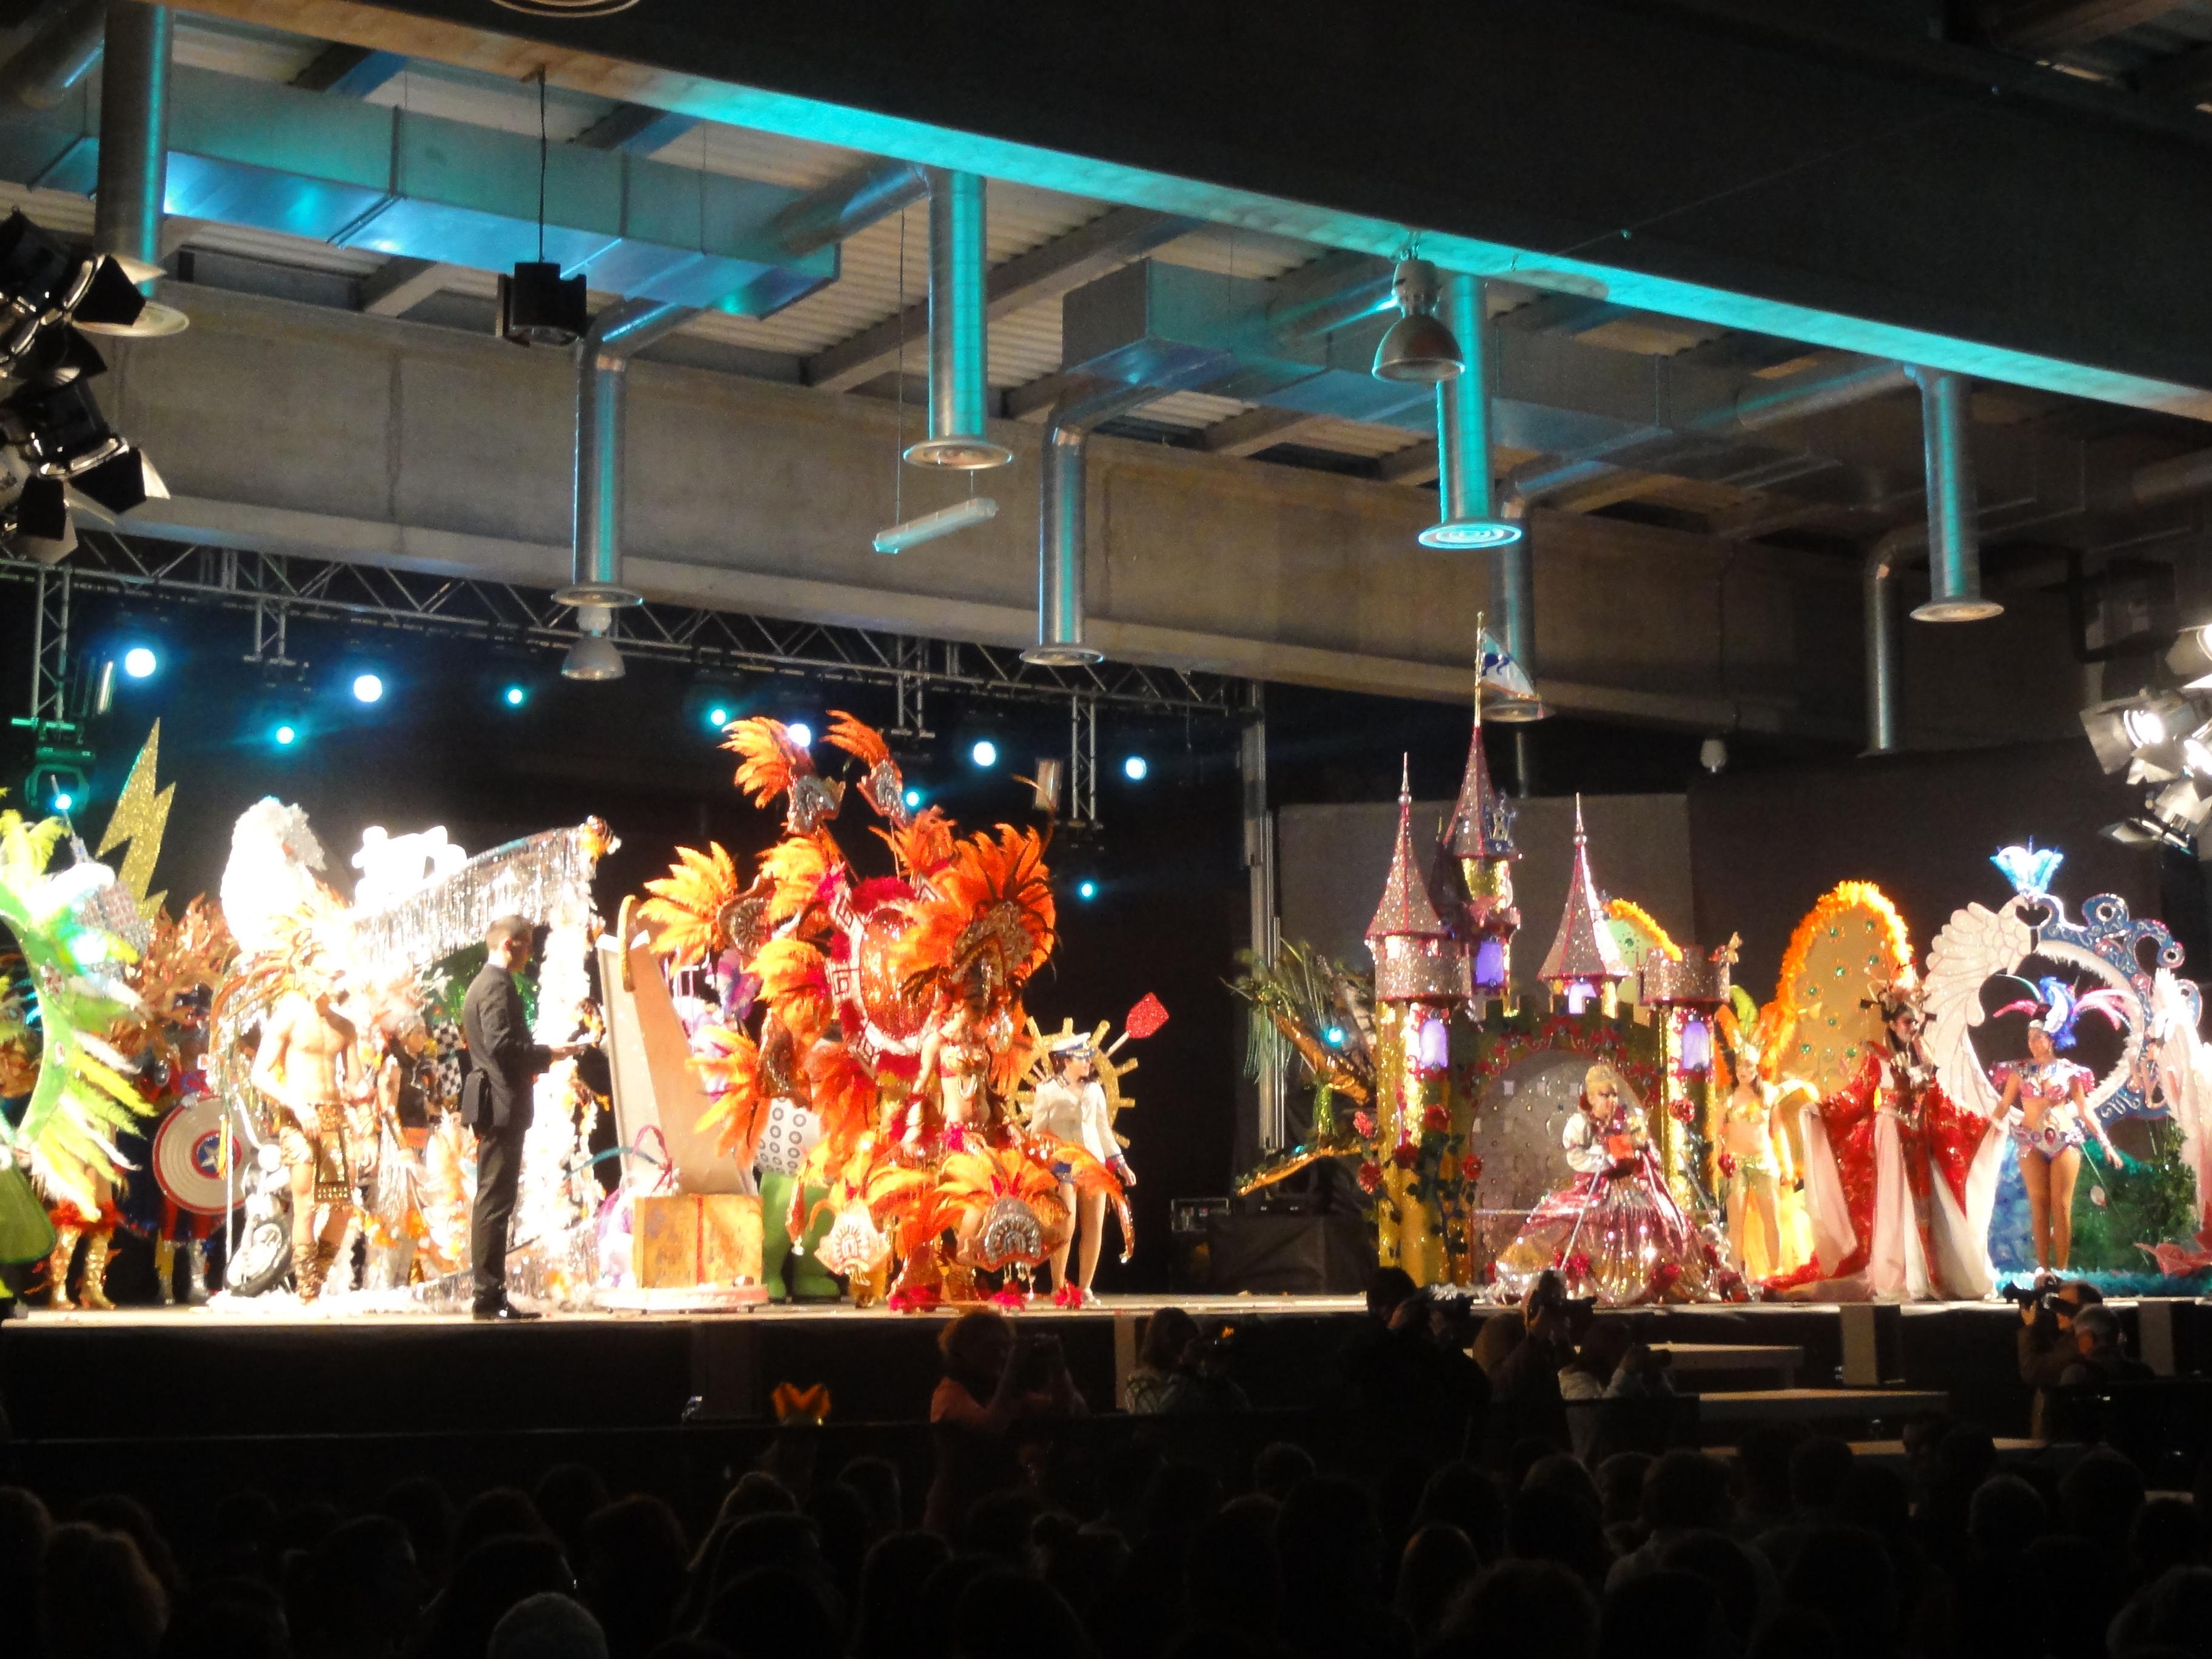 Les disset disfresses participans dalt de l'escenari. (foto: Tarragona 2012)